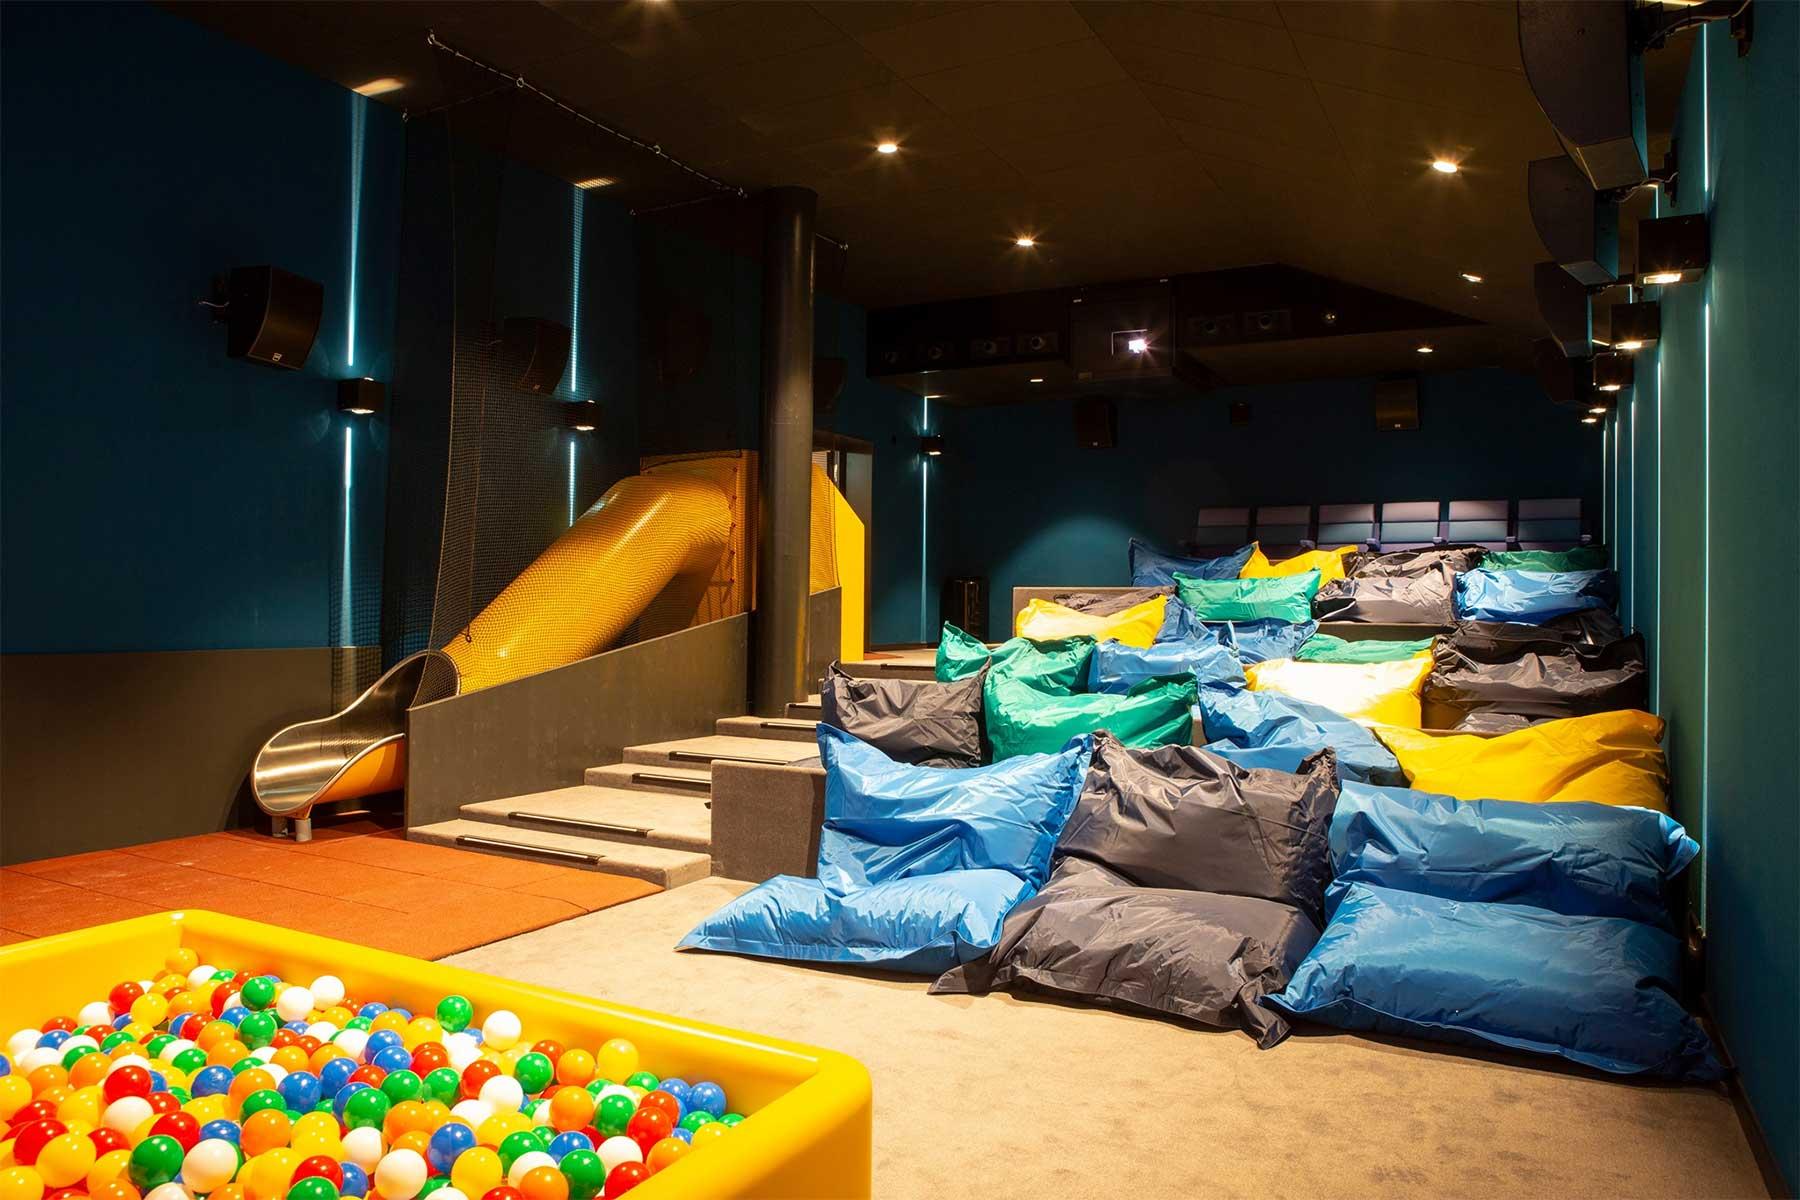 In diesem Kino könnt ihr Filme auf Betten und Sofas schauen pathe-spreitenbach-kino-mit-sofas-und-betten_03